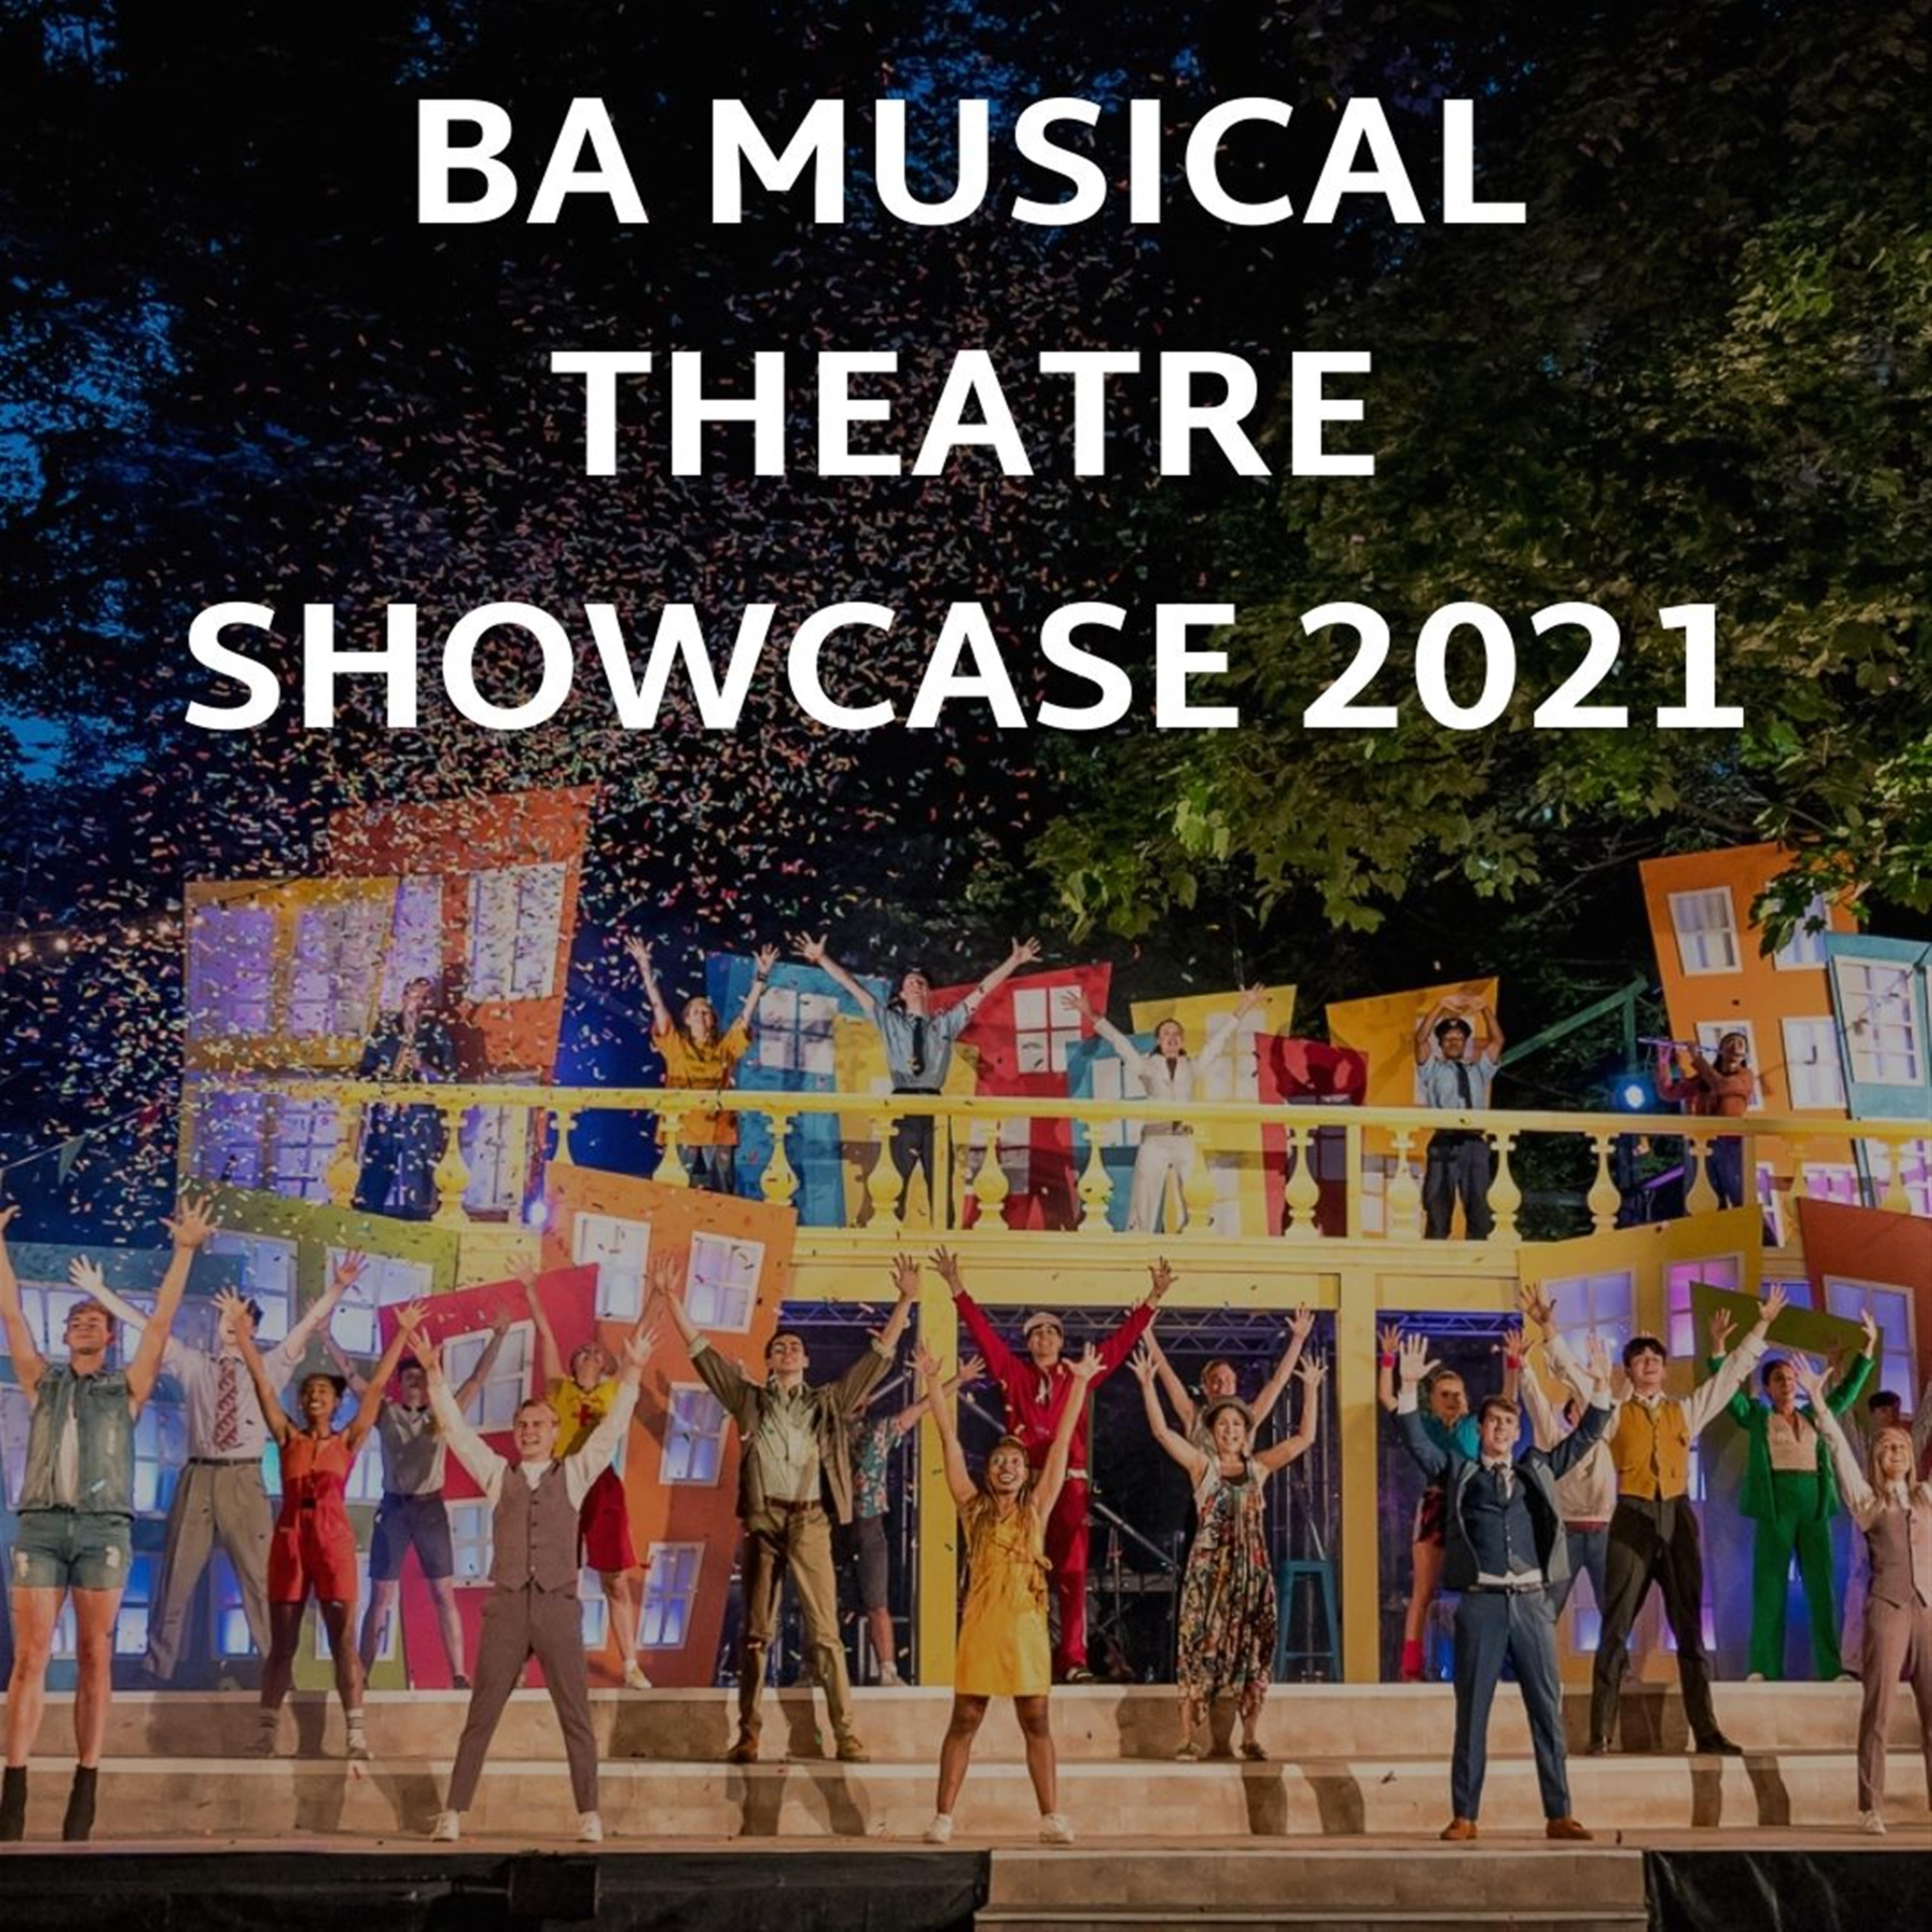 BA Musical Theatre Showcase 2021